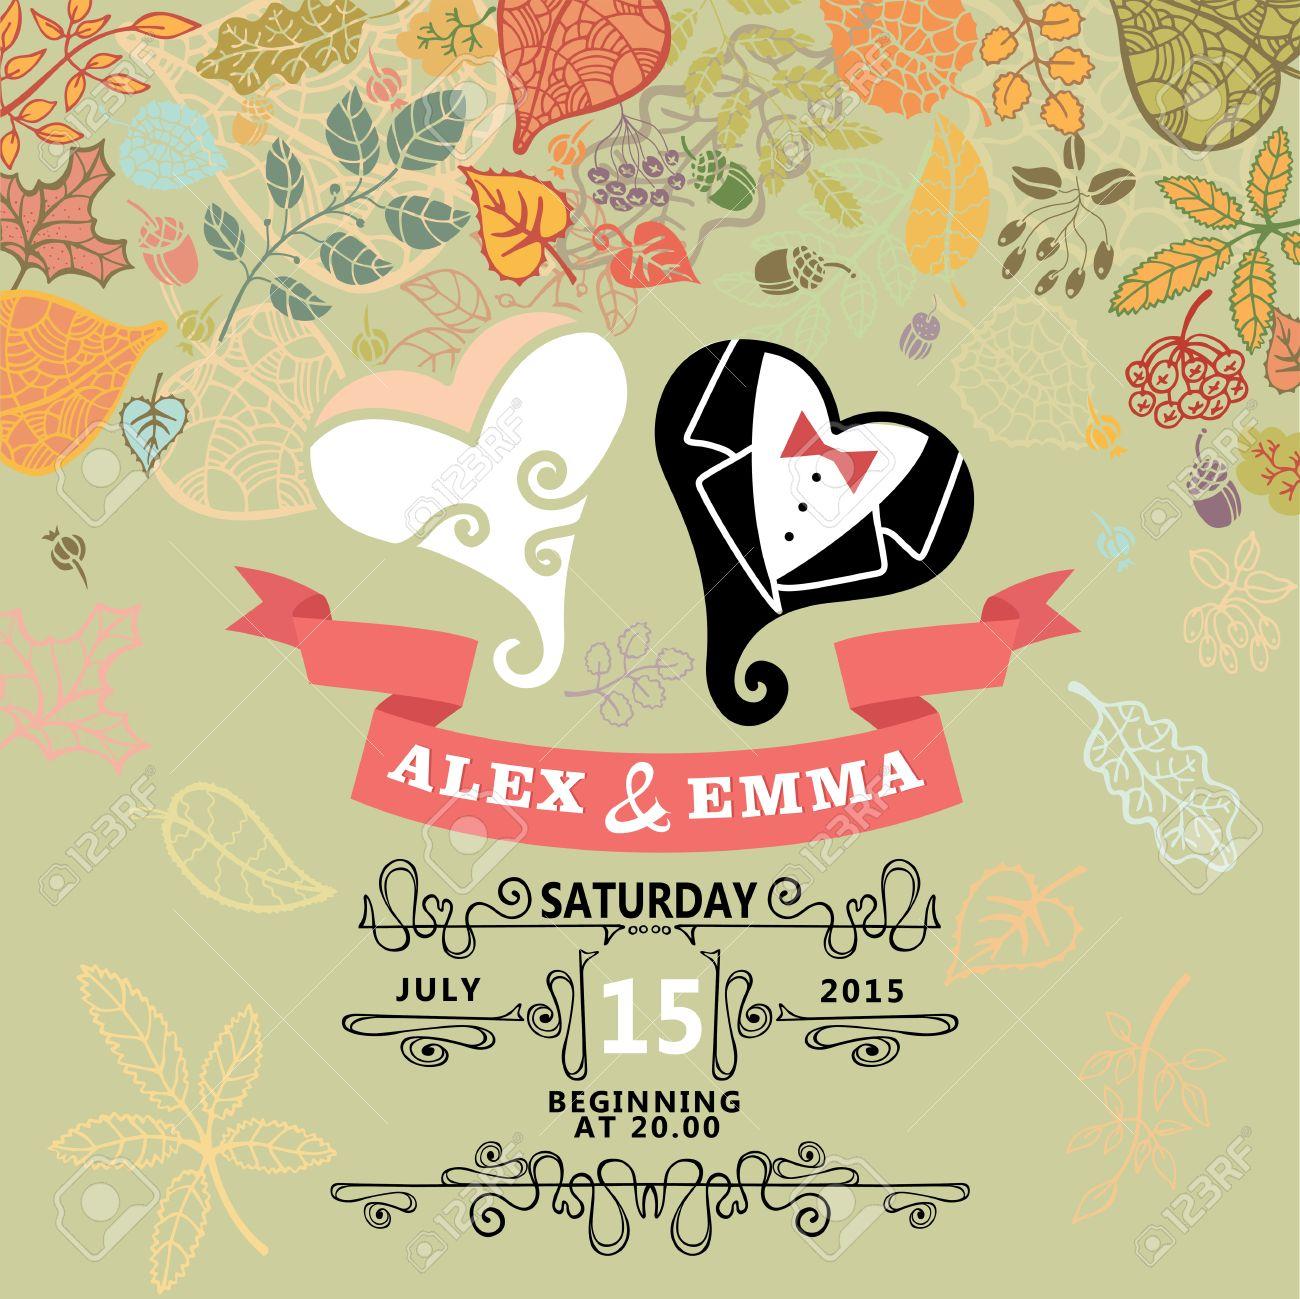 invitacin de boda retro con hojas de otoo dibujos animados estilizada corazones lindos en estilo